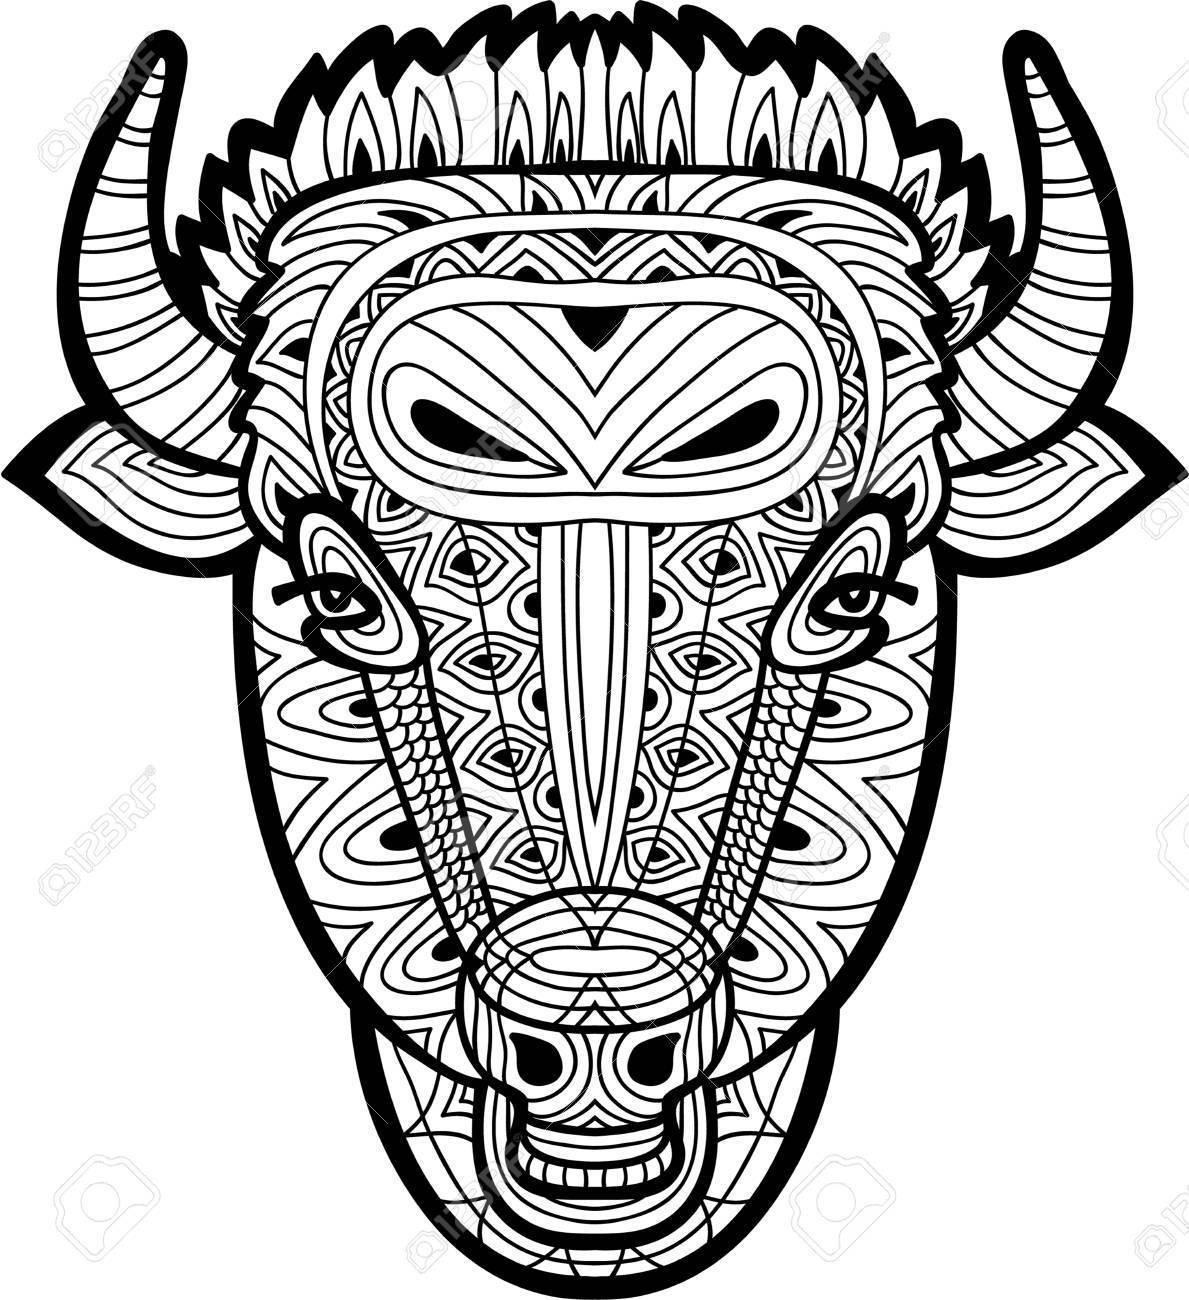 Dibujo Monocromático De Un Toro Con Patrones Tribales Sobre Fondo ...